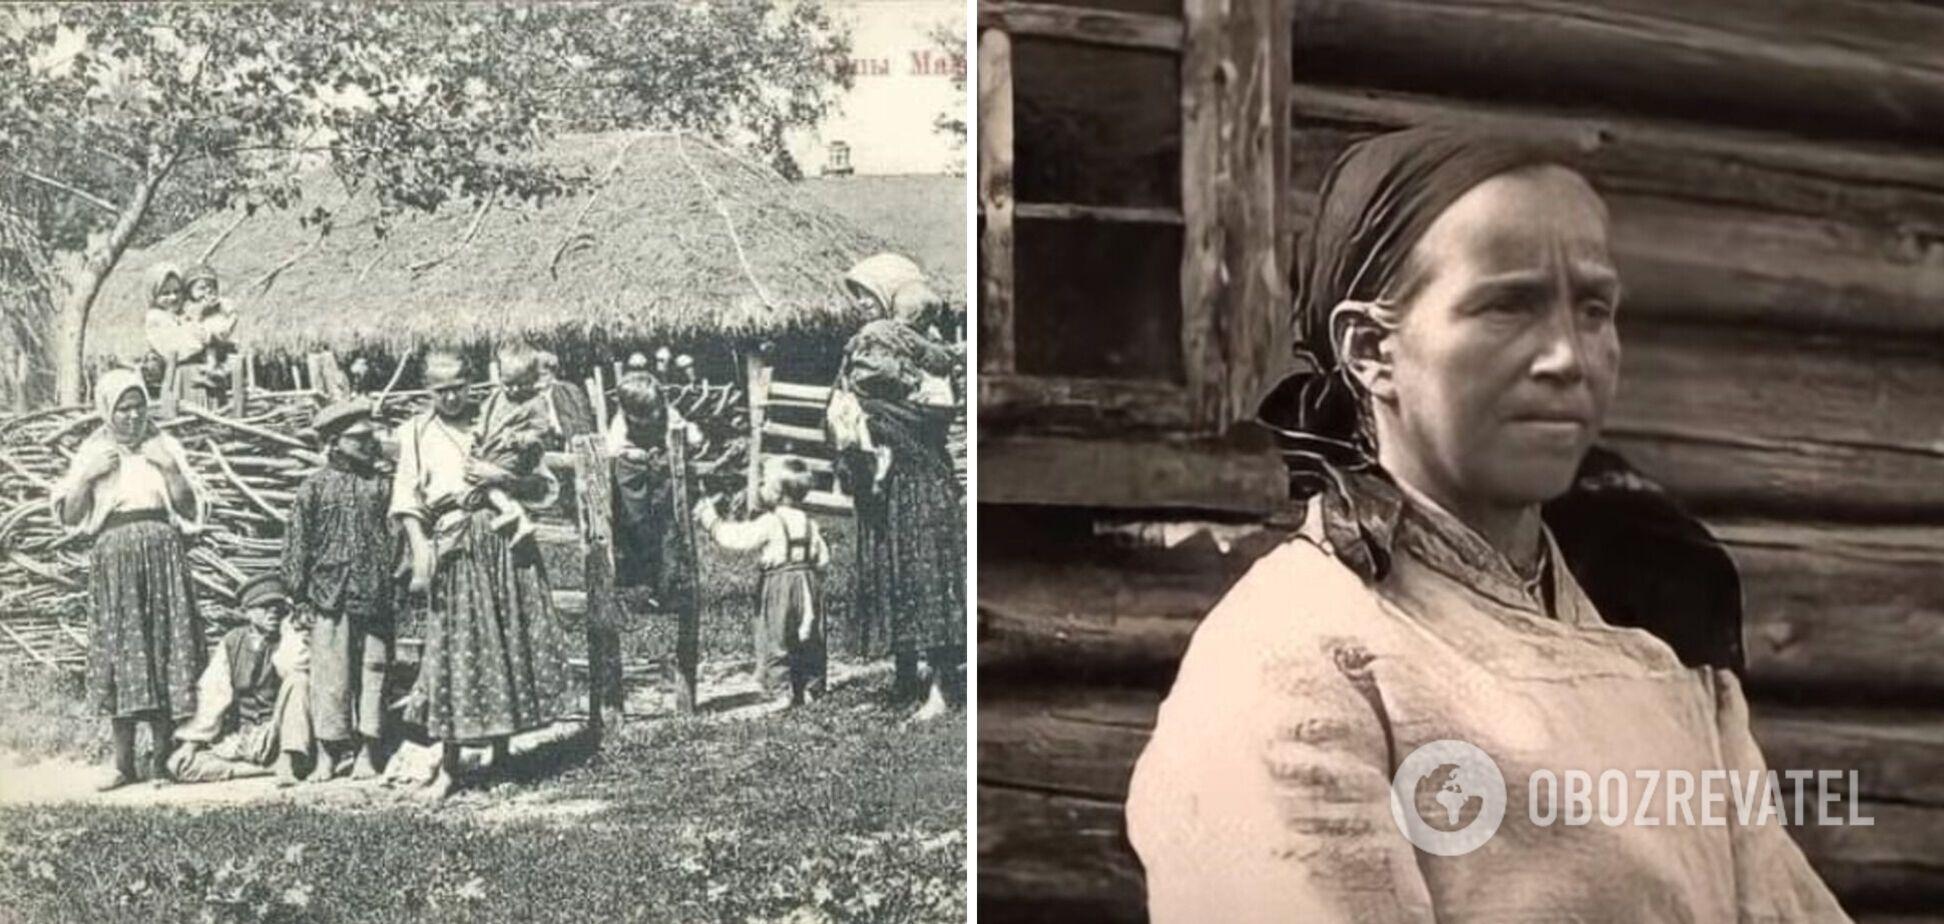 Глибокі зморшки, втомлений погляд: як виглядали 35-річні жінки 100 років тому. Фото